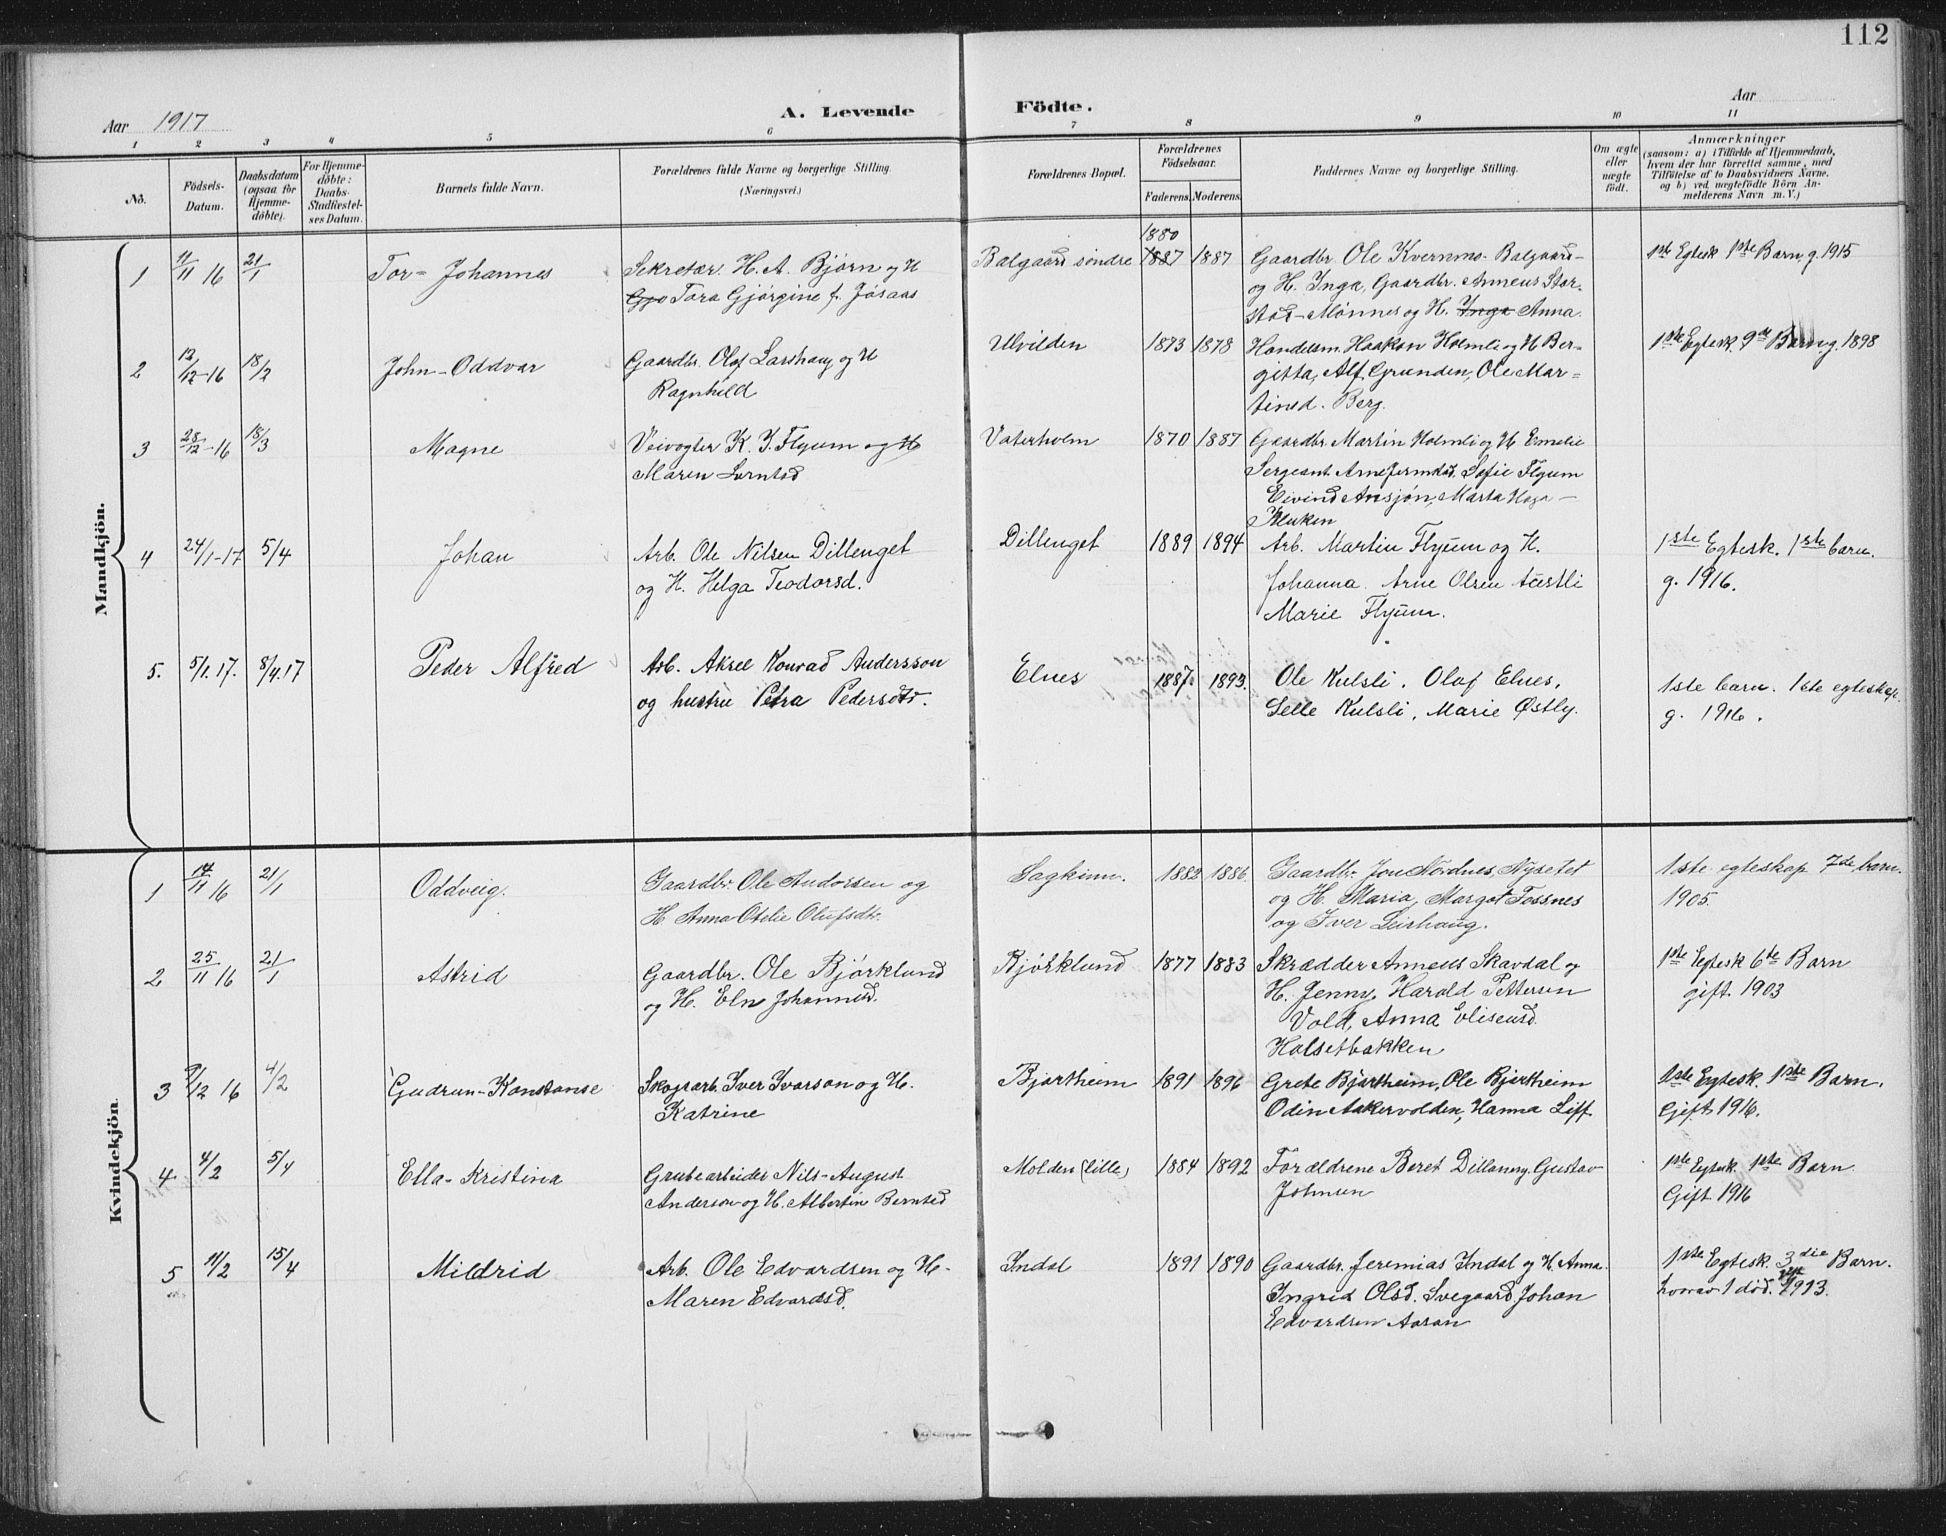 SAT, Ministerialprotokoller, klokkerbøker og fødselsregistre - Nord-Trøndelag, 724/L0269: Klokkerbok nr. 724C05, 1899-1920, s. 112